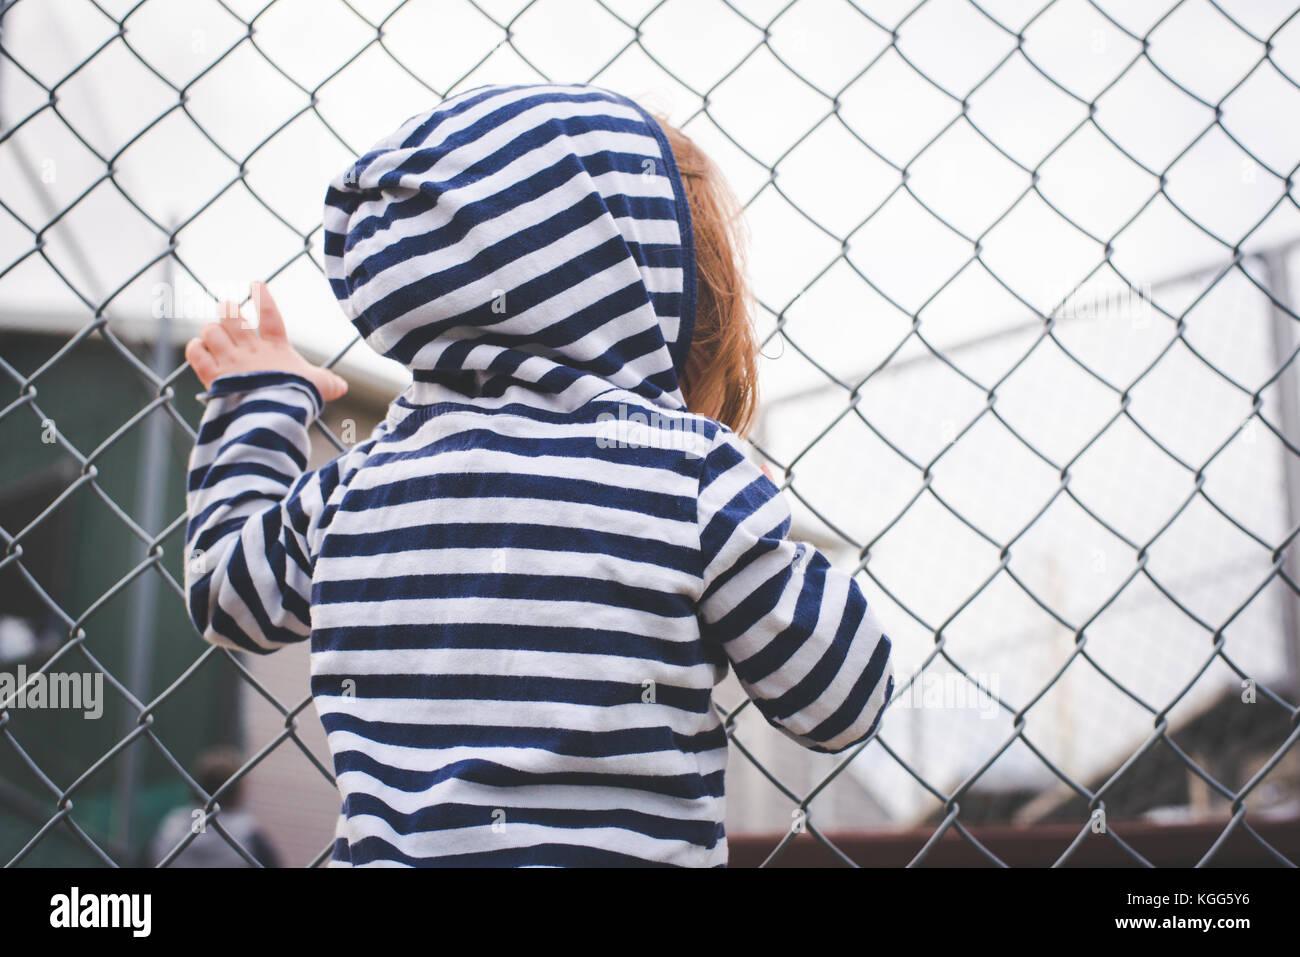 Niño se cuelga en una valla y mira a través de ella. Imagen De Stock